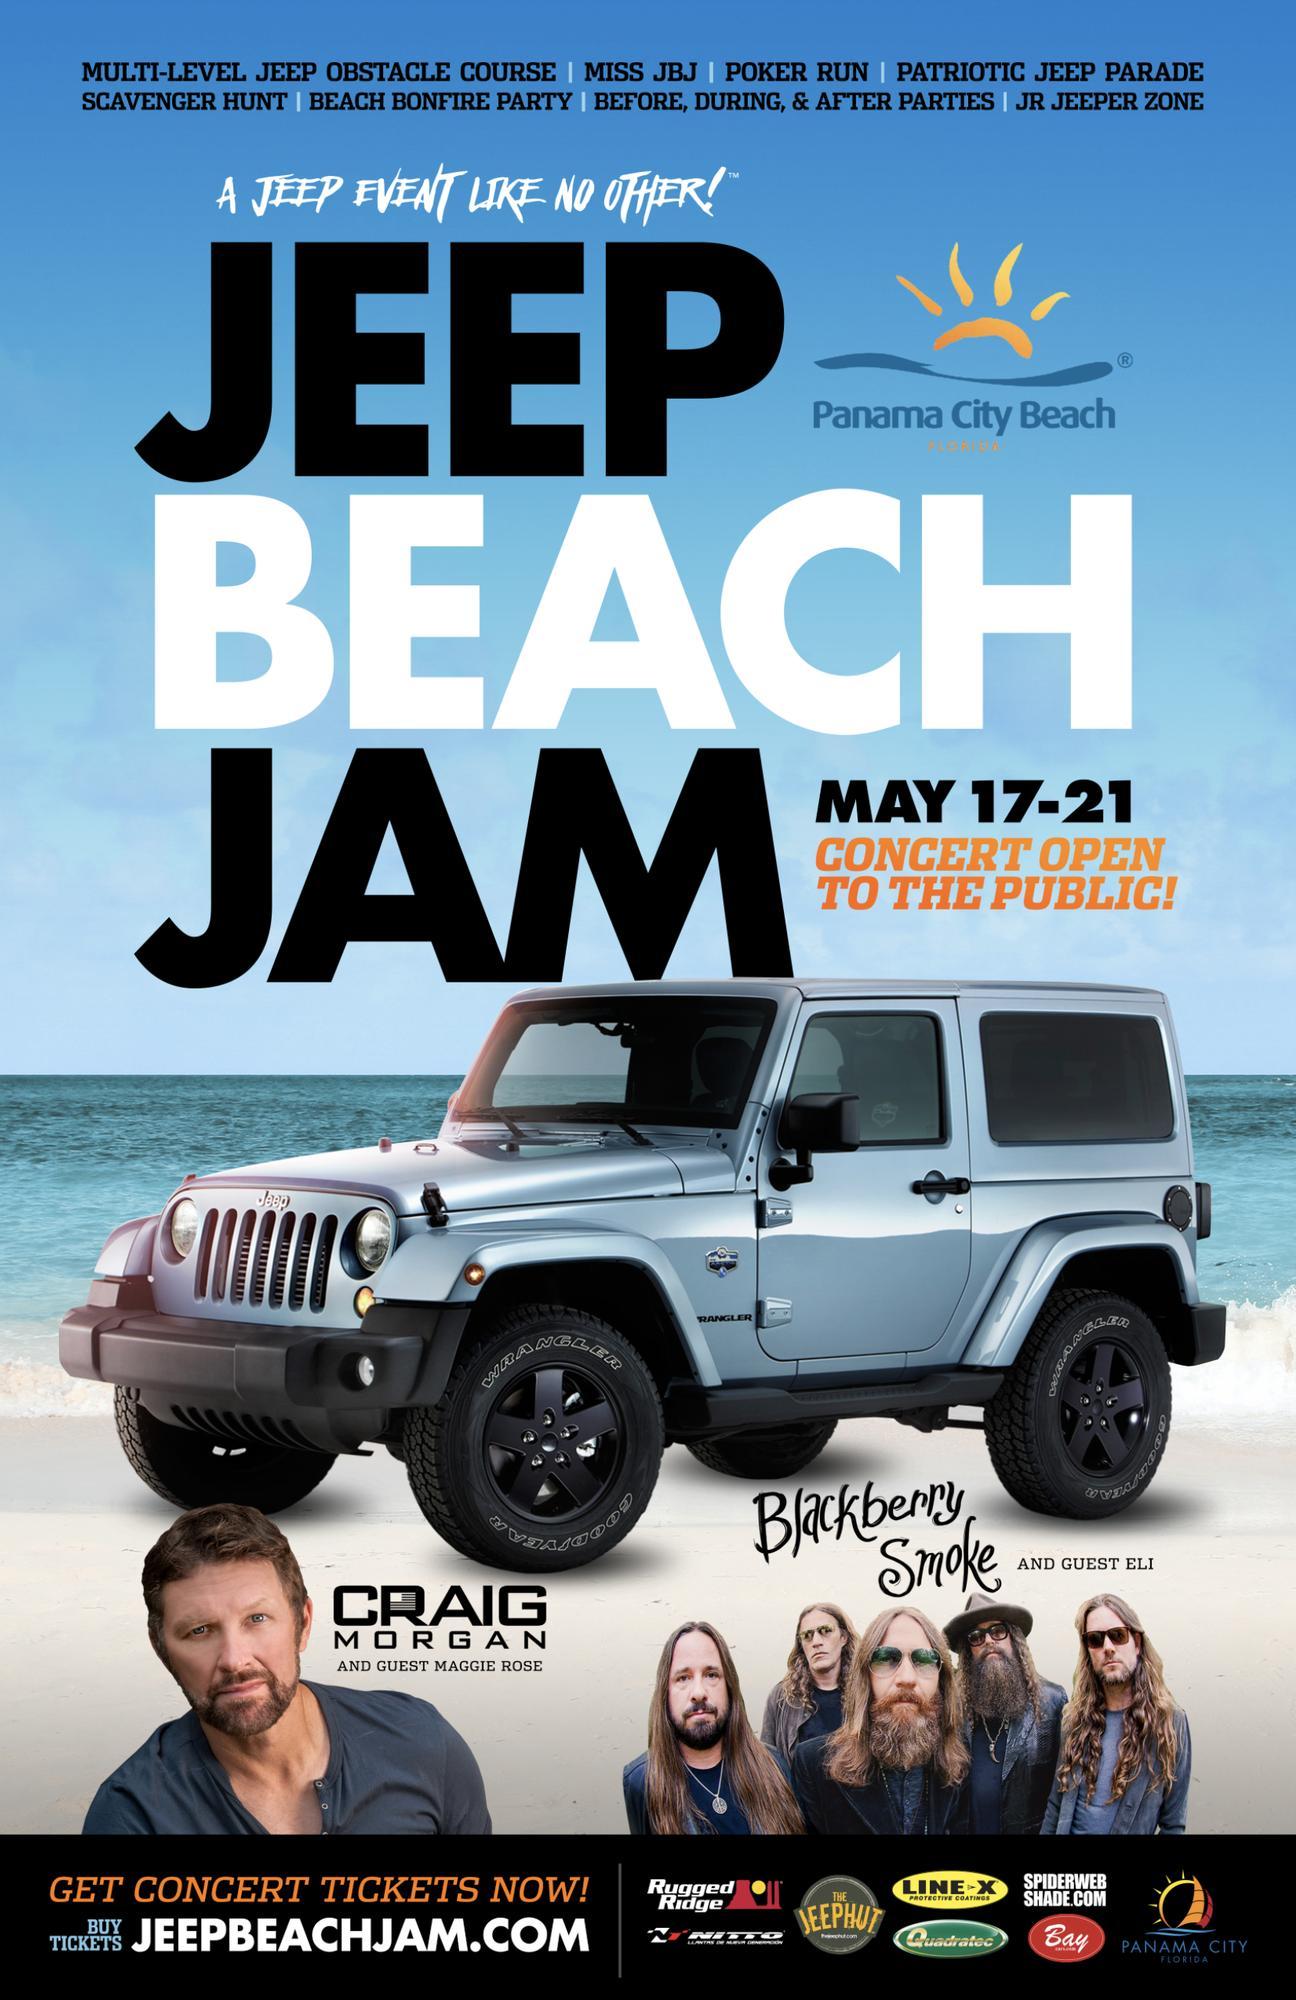 Craig Morgan Panama City Beach May